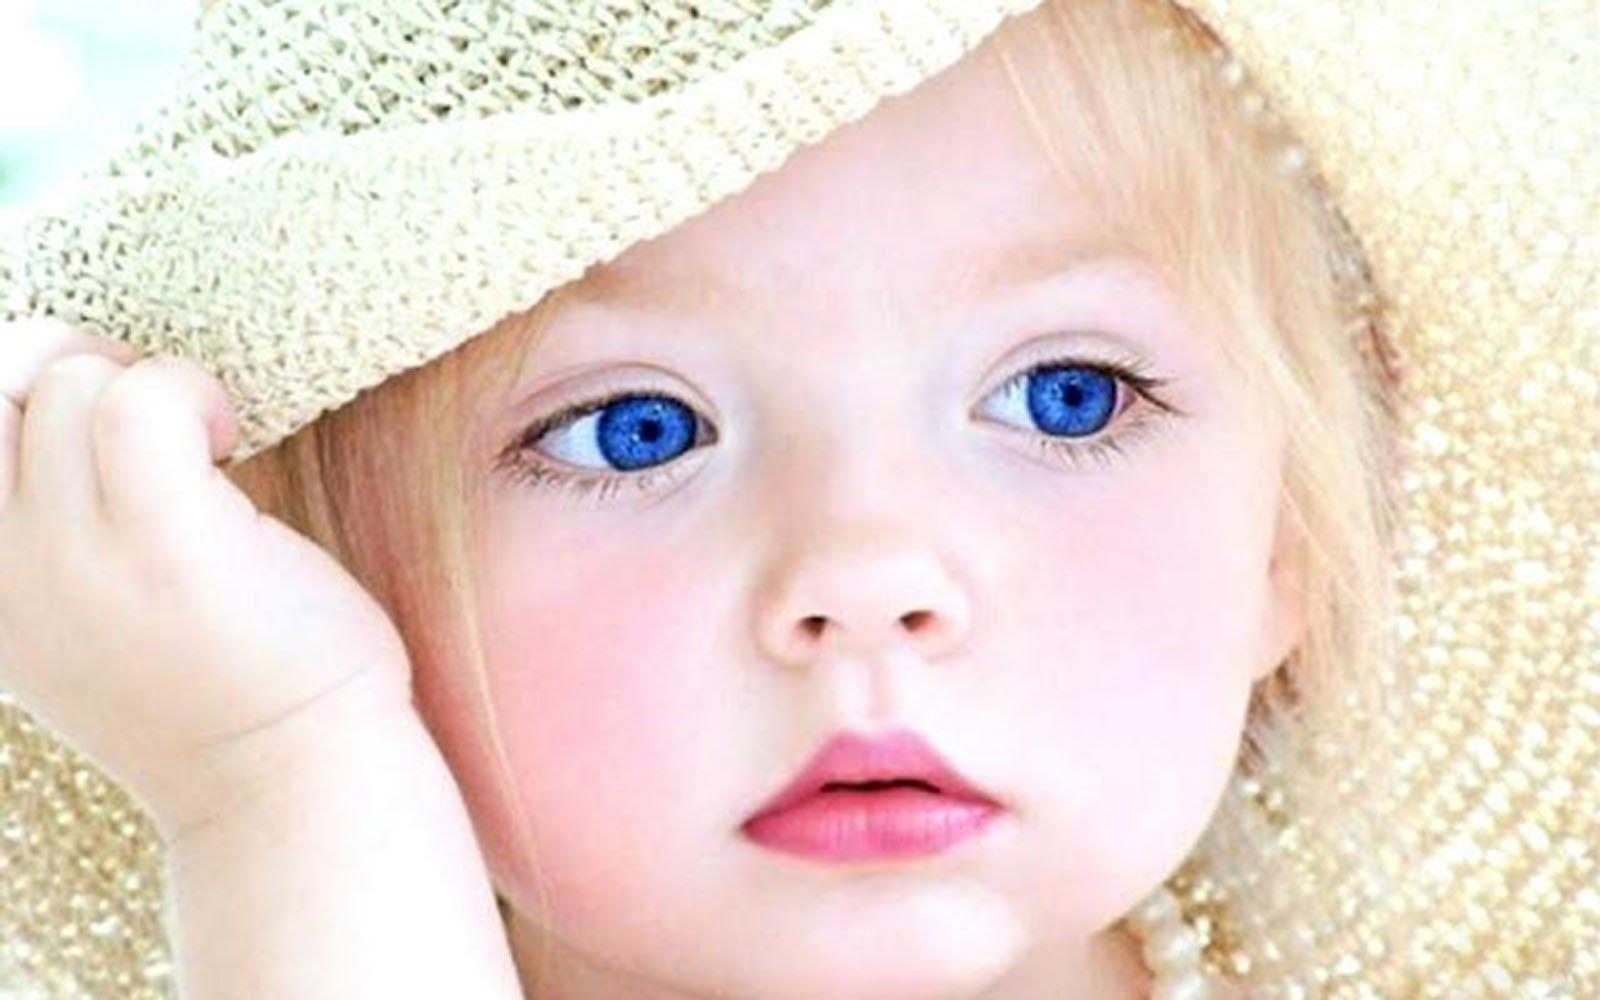 صور اجمل الصور اطفال فى العالم , اجمل وافضل صور اطفال فى العالم